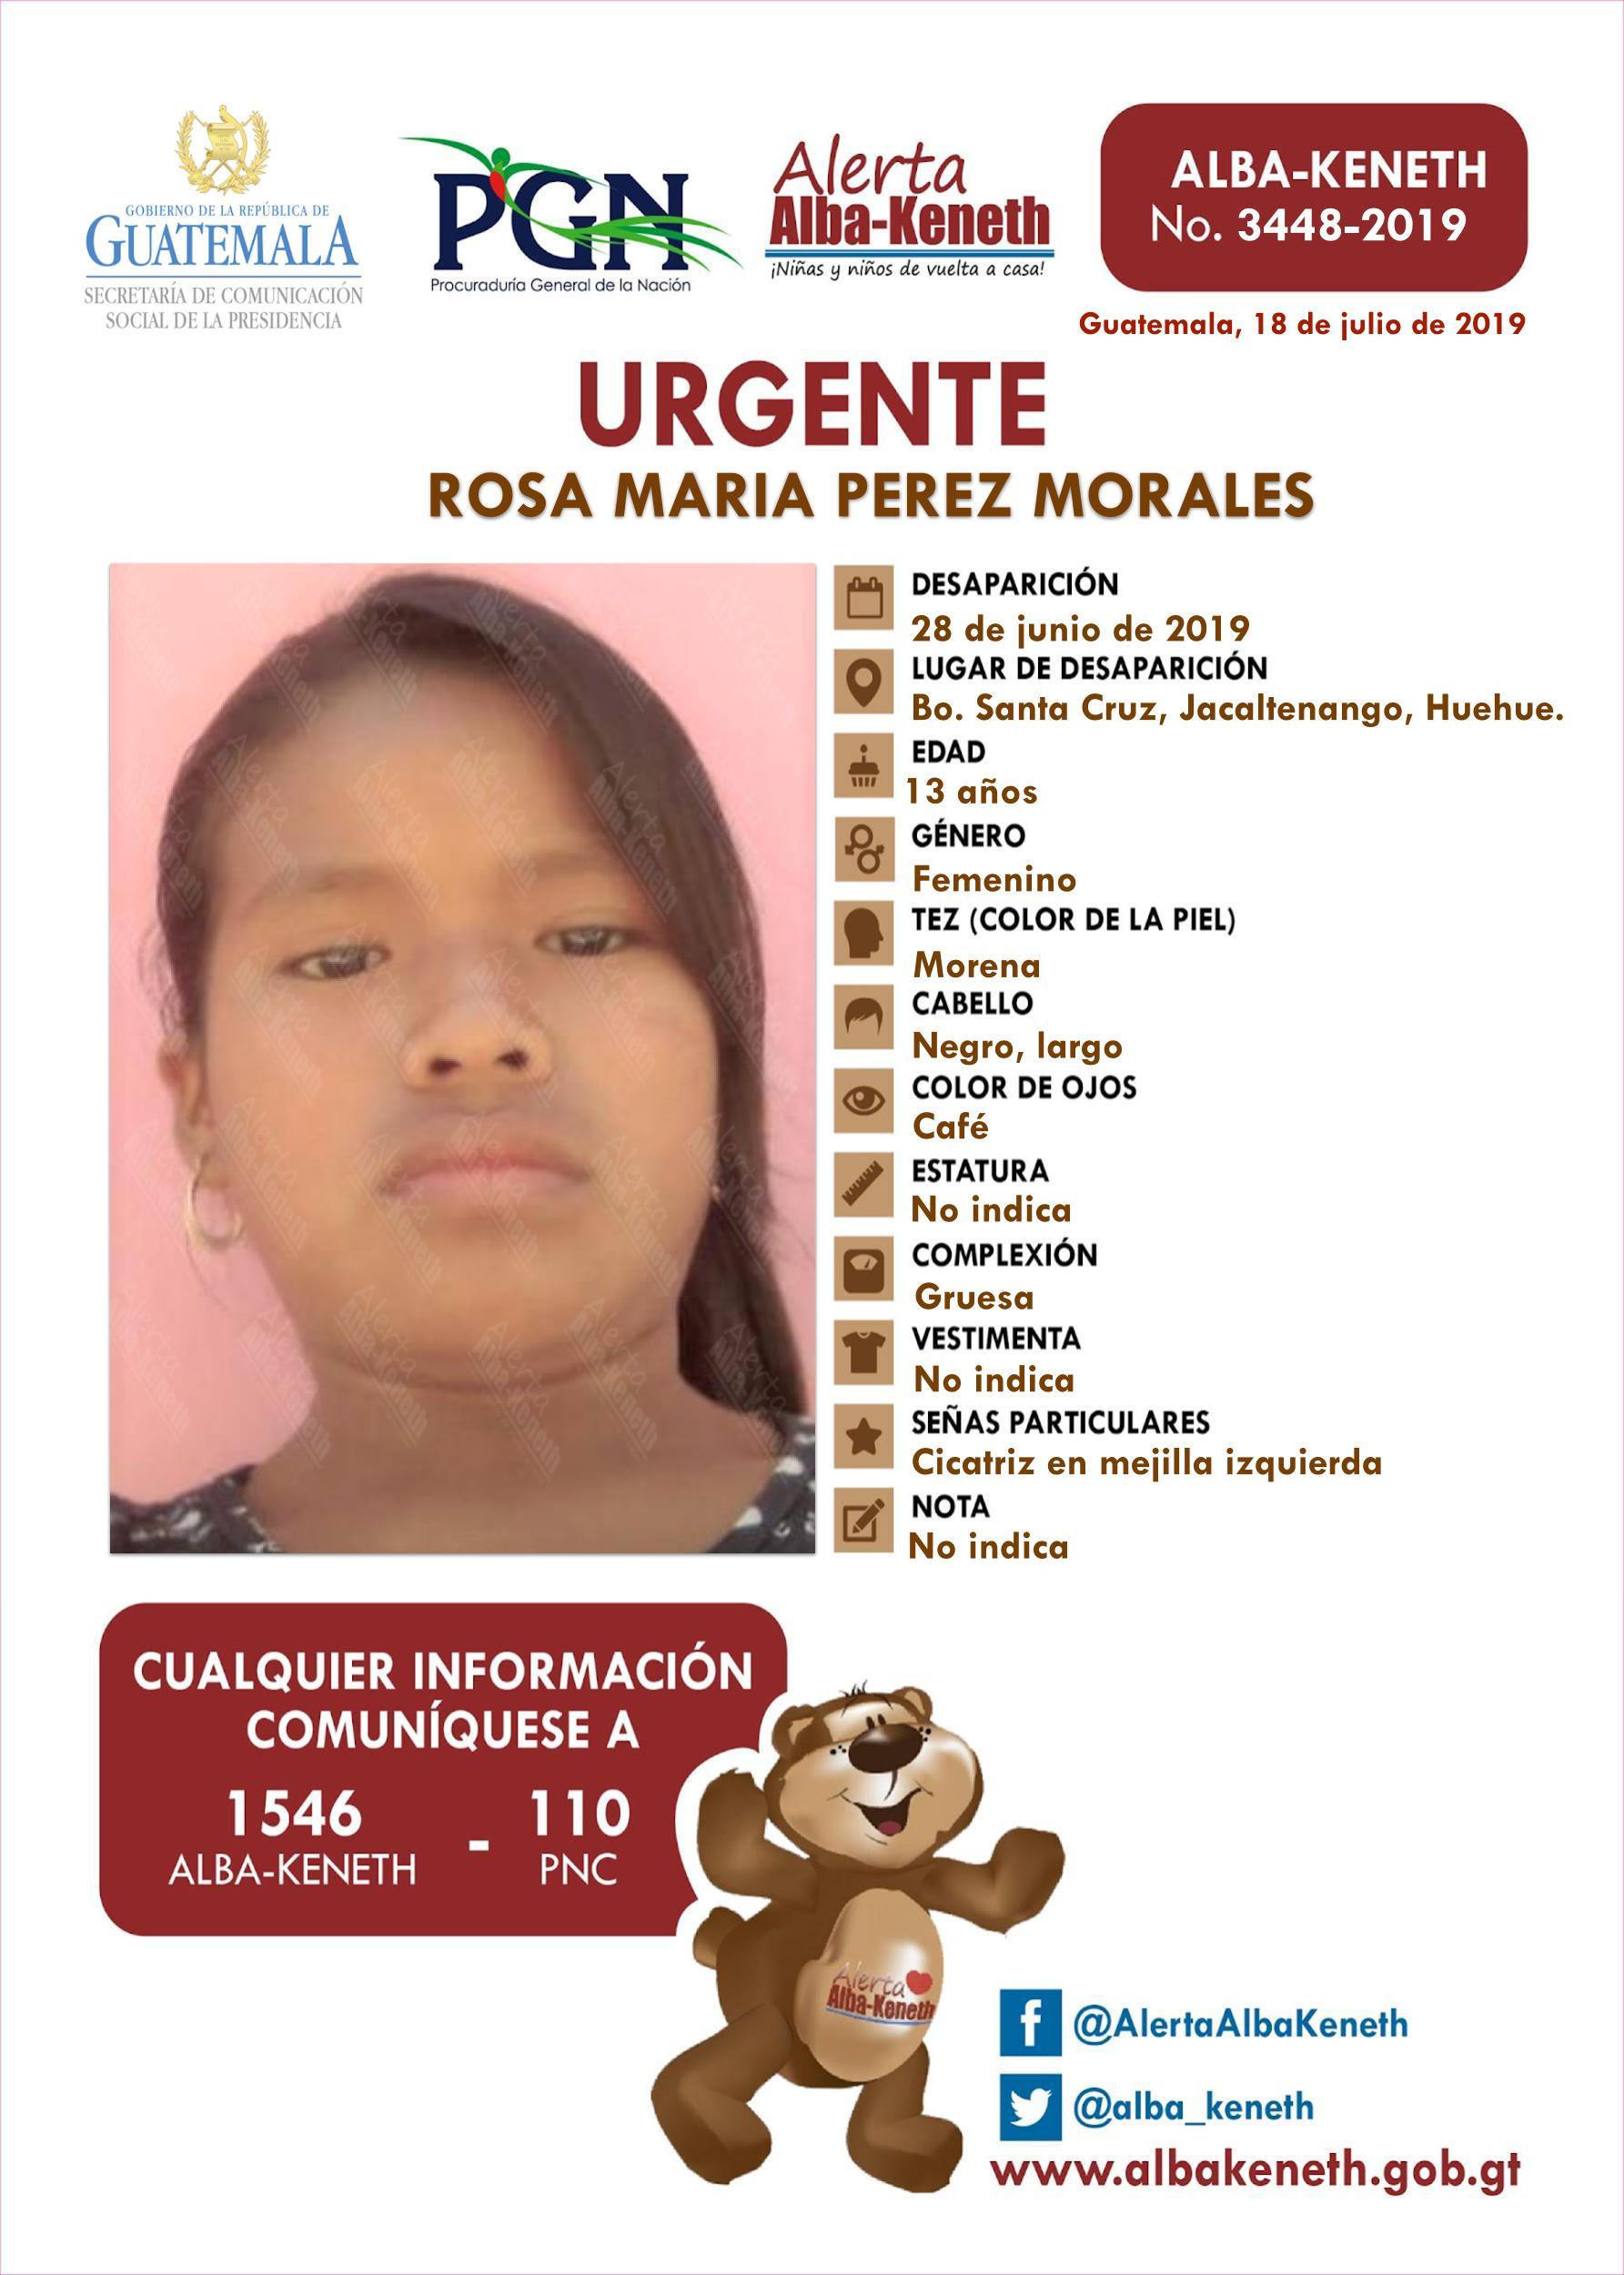 Rosa Maria Perez Morales